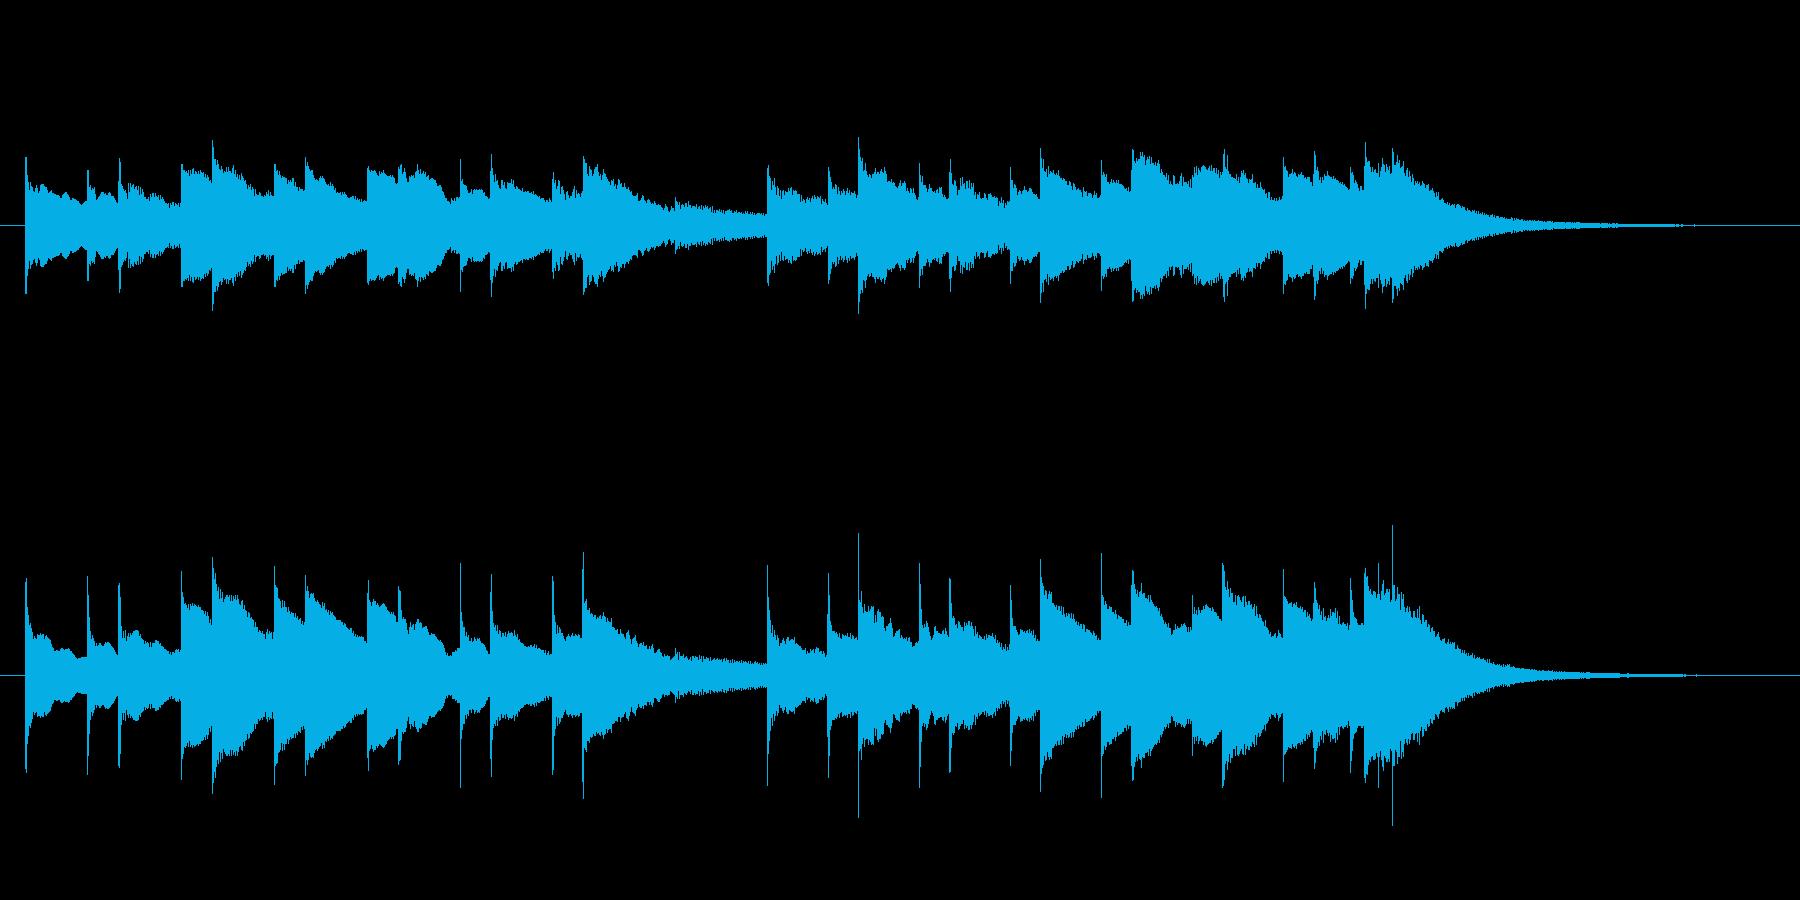 鉄道唱歌のオルゴールの再生済みの波形